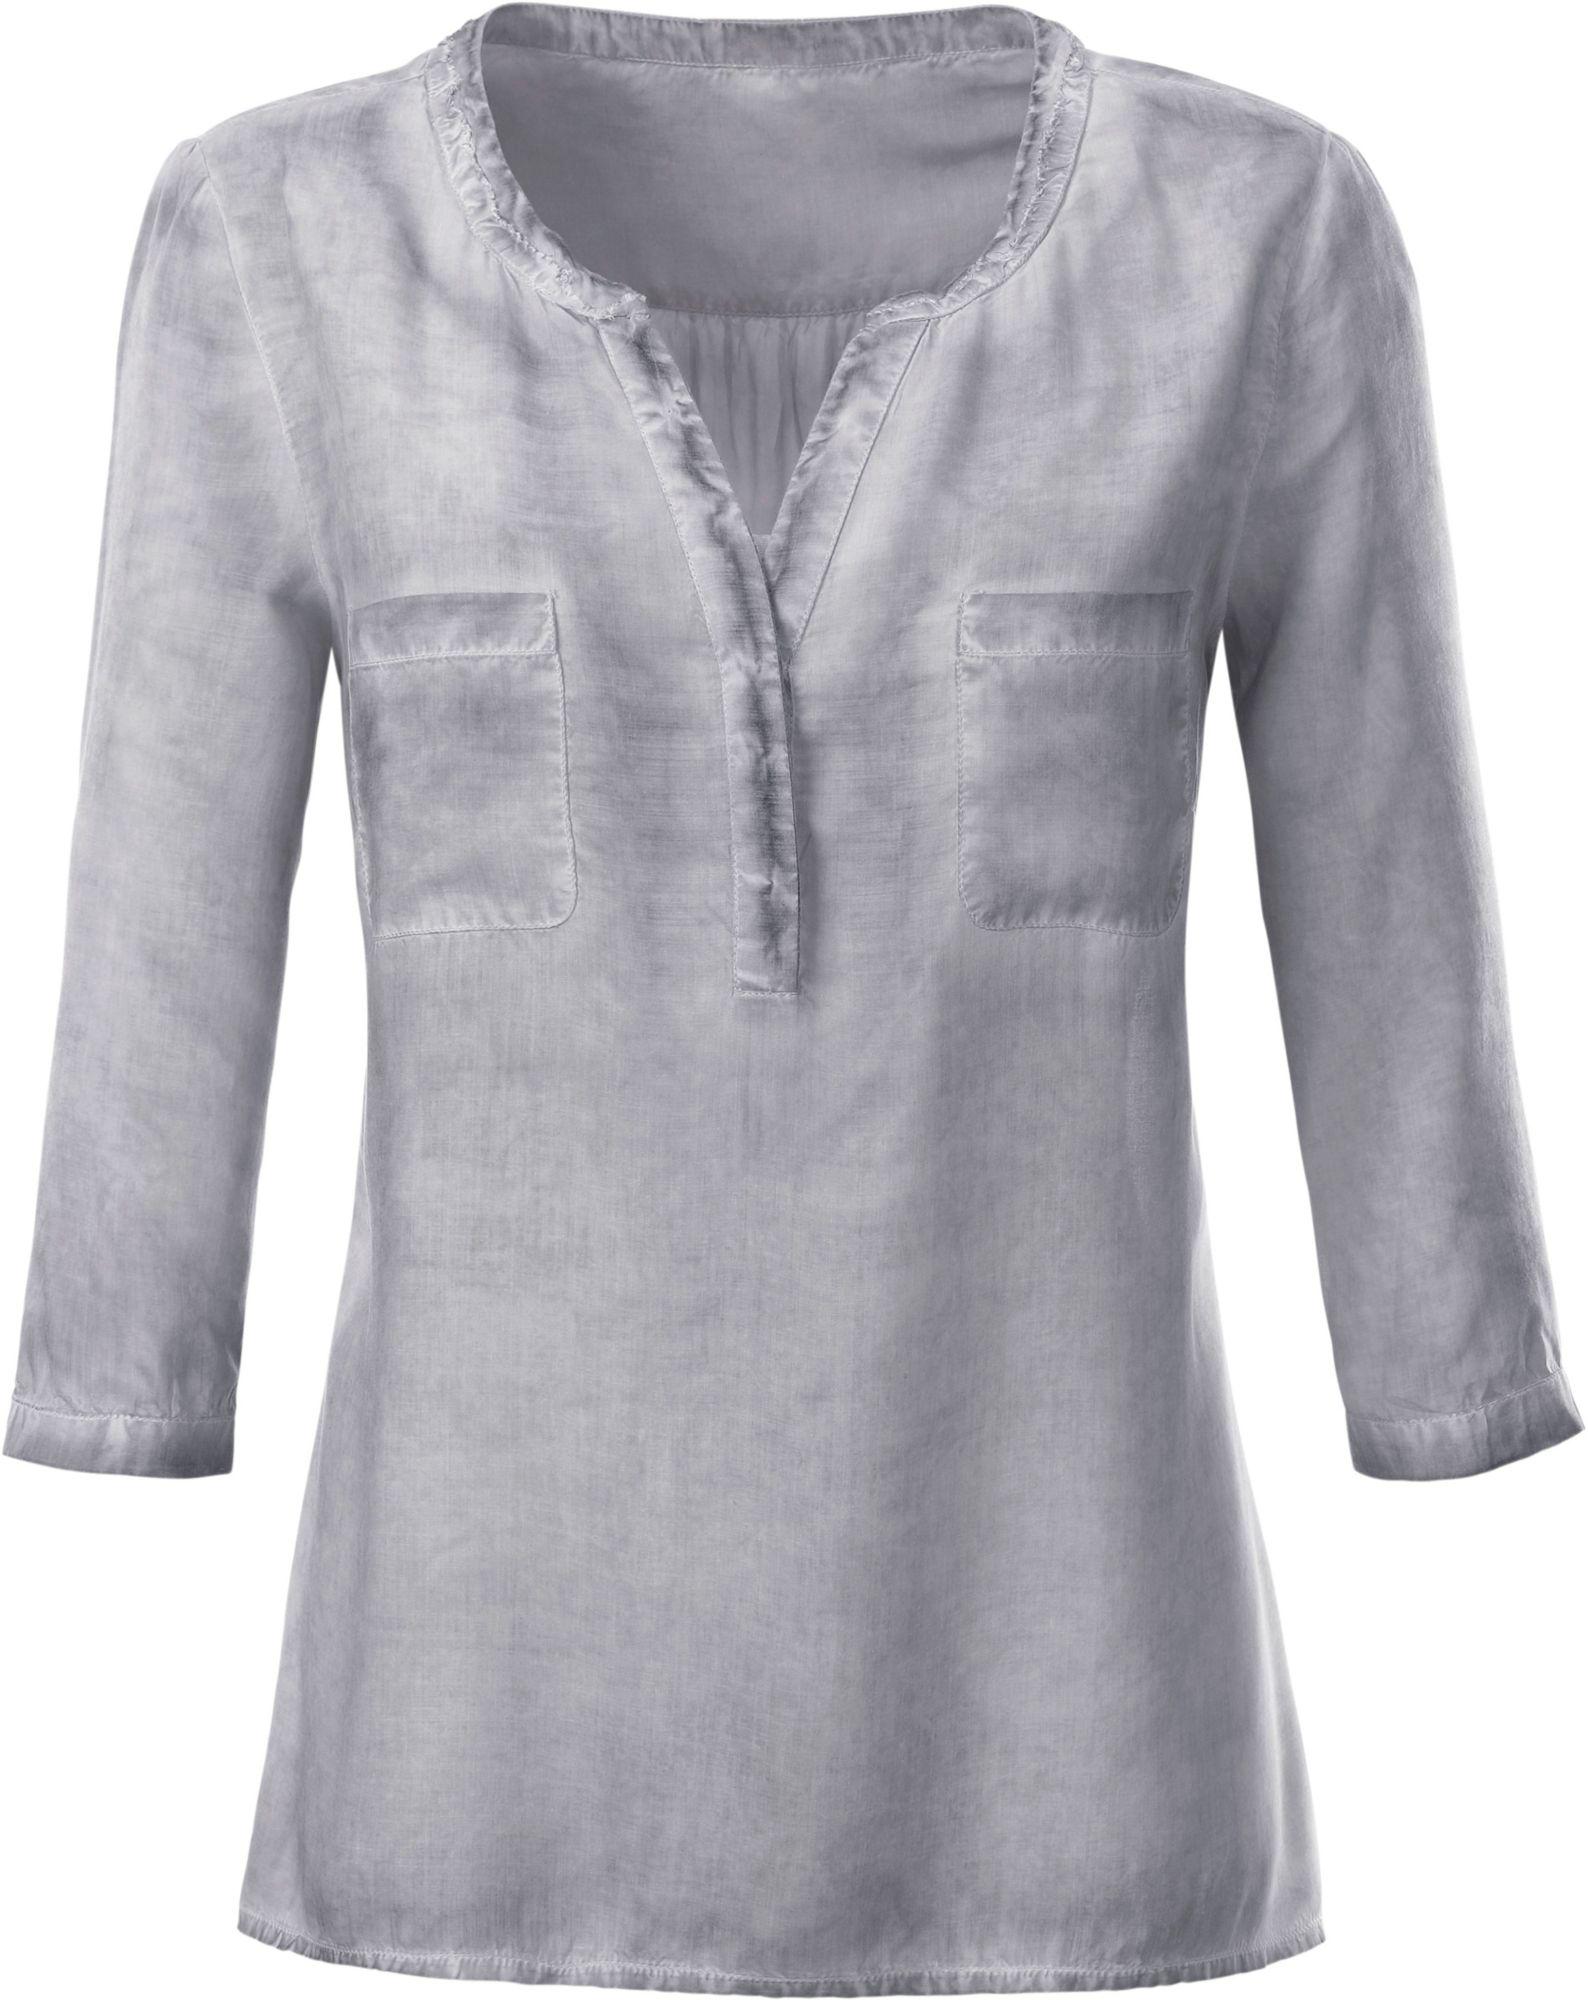 CLASSIC INSPIRATIONEN Classic Inspirationen Bluse in angesagter »oil dyed«-Optik